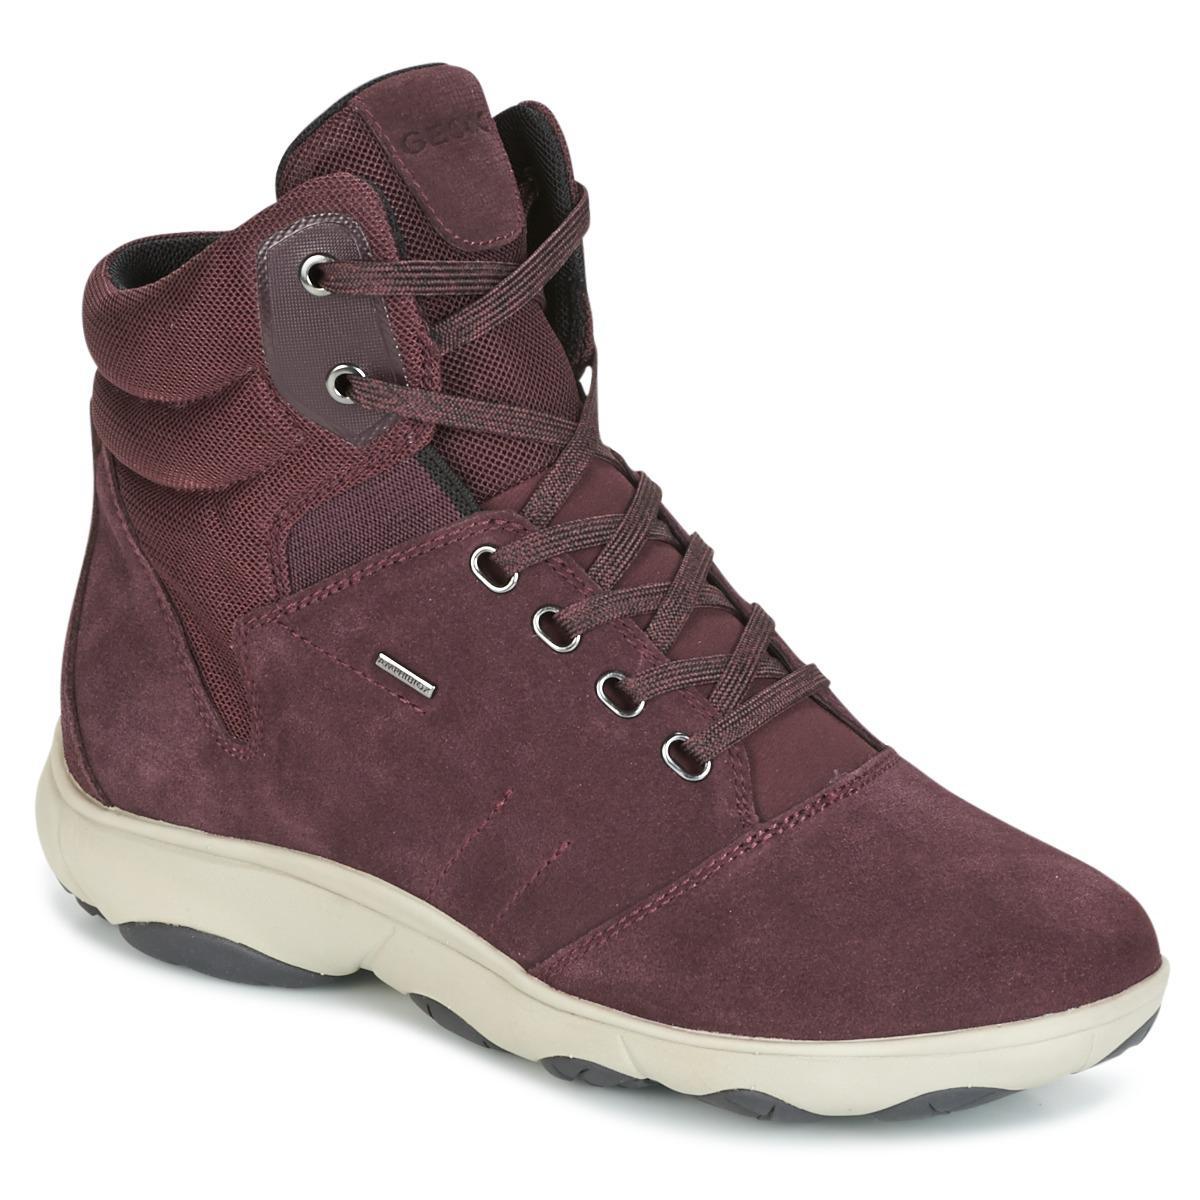 Womens D Nebula 4 X 4 B ABX a Hi-Top Sneakers Geox bbF7Tc59n